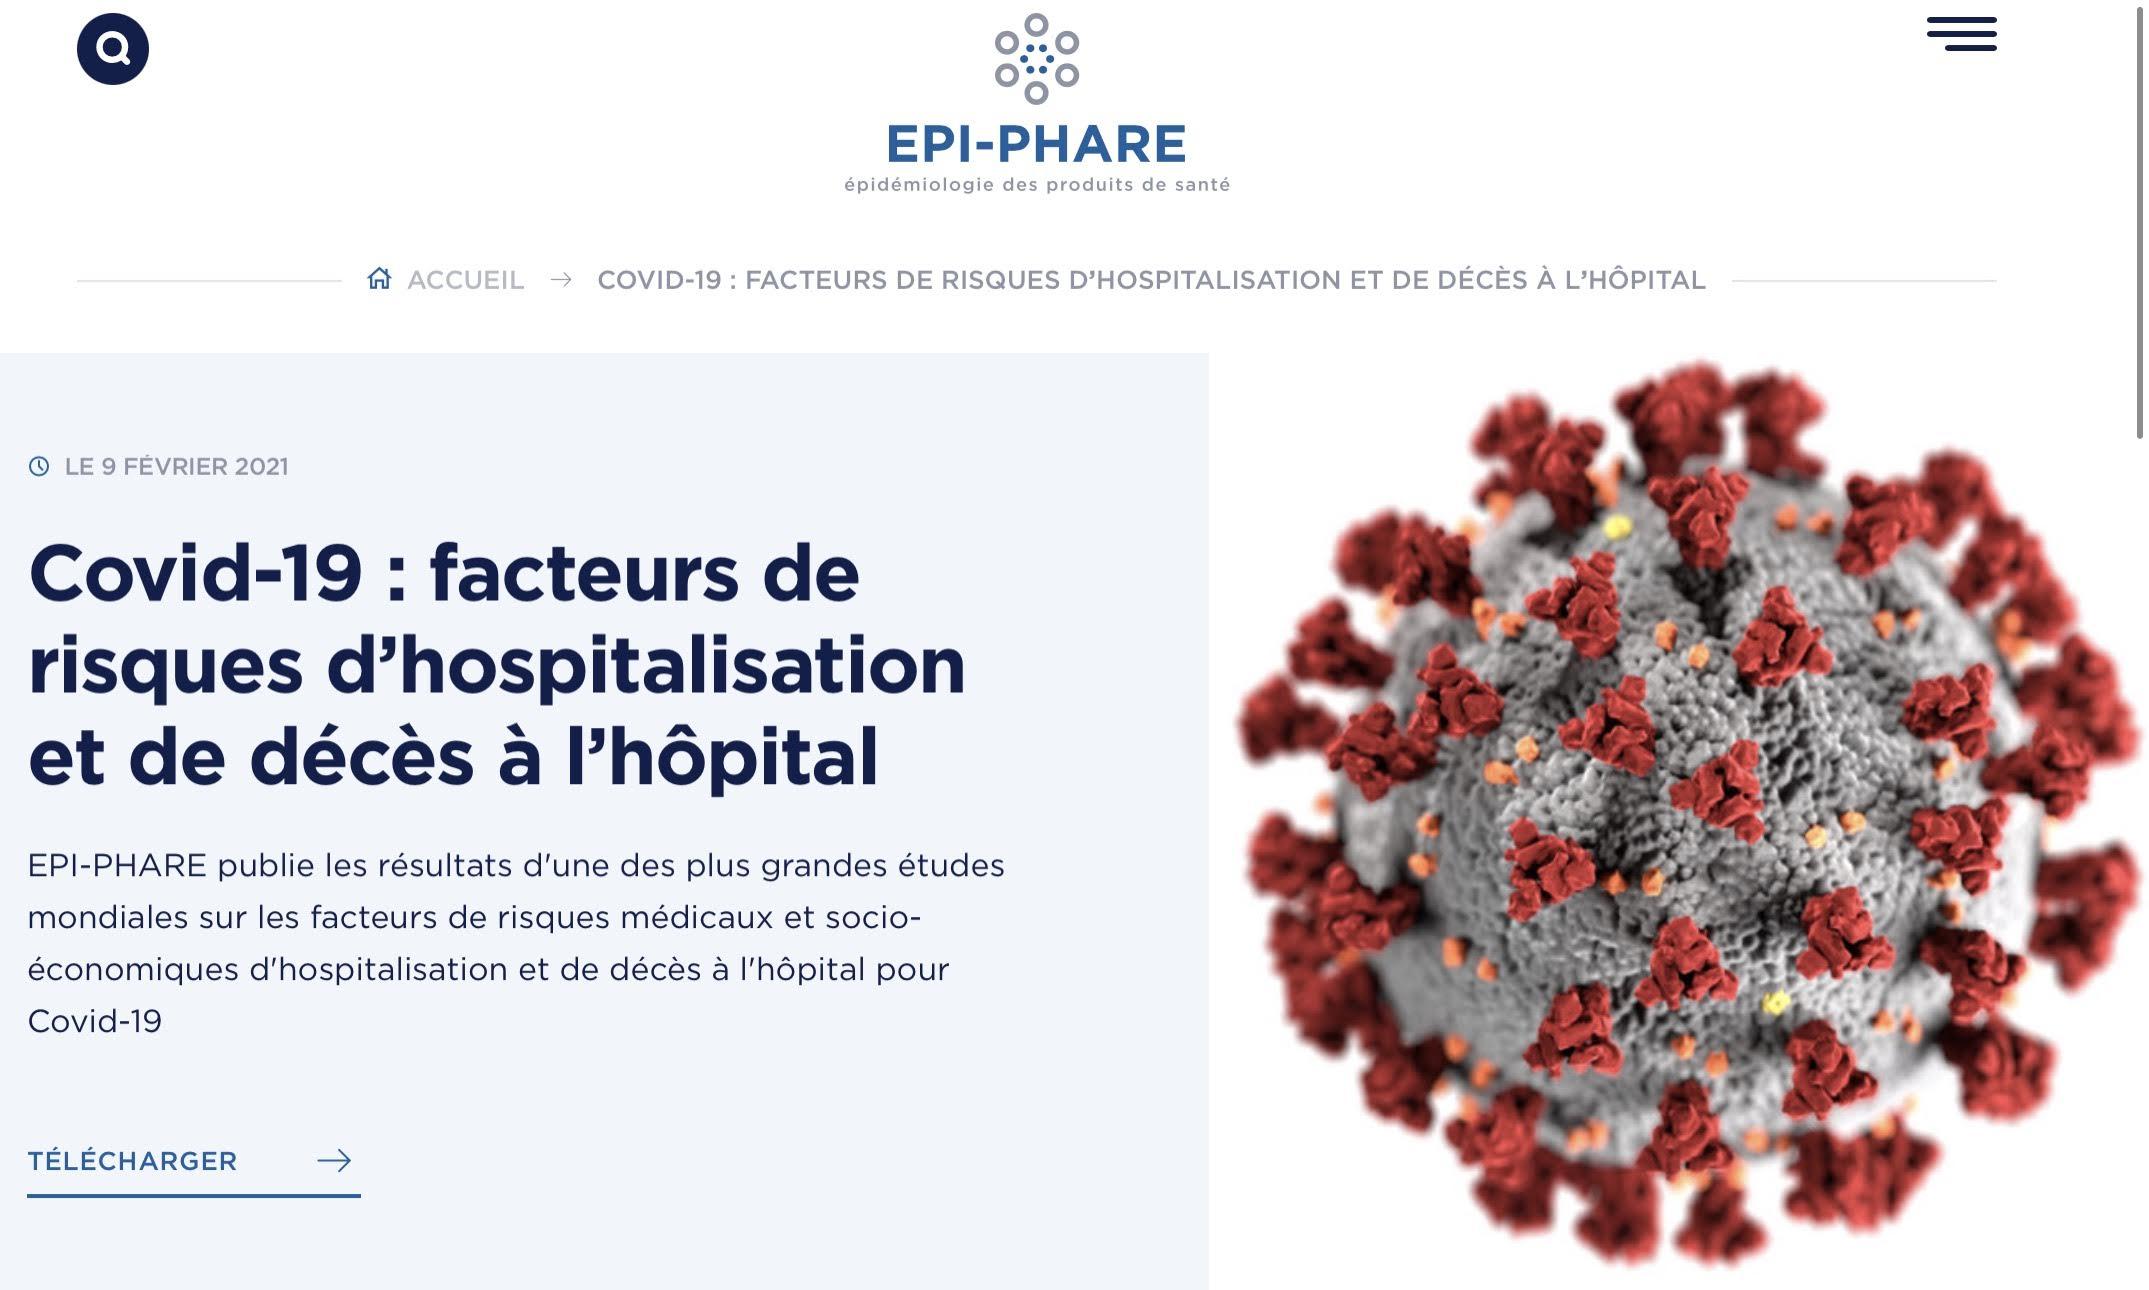 Une vaste étude française menée par le groupement d'intérêt scientifique Epi-Phare entre le 15 février et le 15 juin 2020 sur la quasi-totalité de la population française a permis d'identifier les maladies chroniques et divers facteurs susceptibles de présenter un sur-risque d'hospitalisation ou de décès pour Covid-19. Les résultats viennent d'être révélés. Mais les chiffres de l'obésité ne bénéficient pas de la transparence qu'ils méritent...